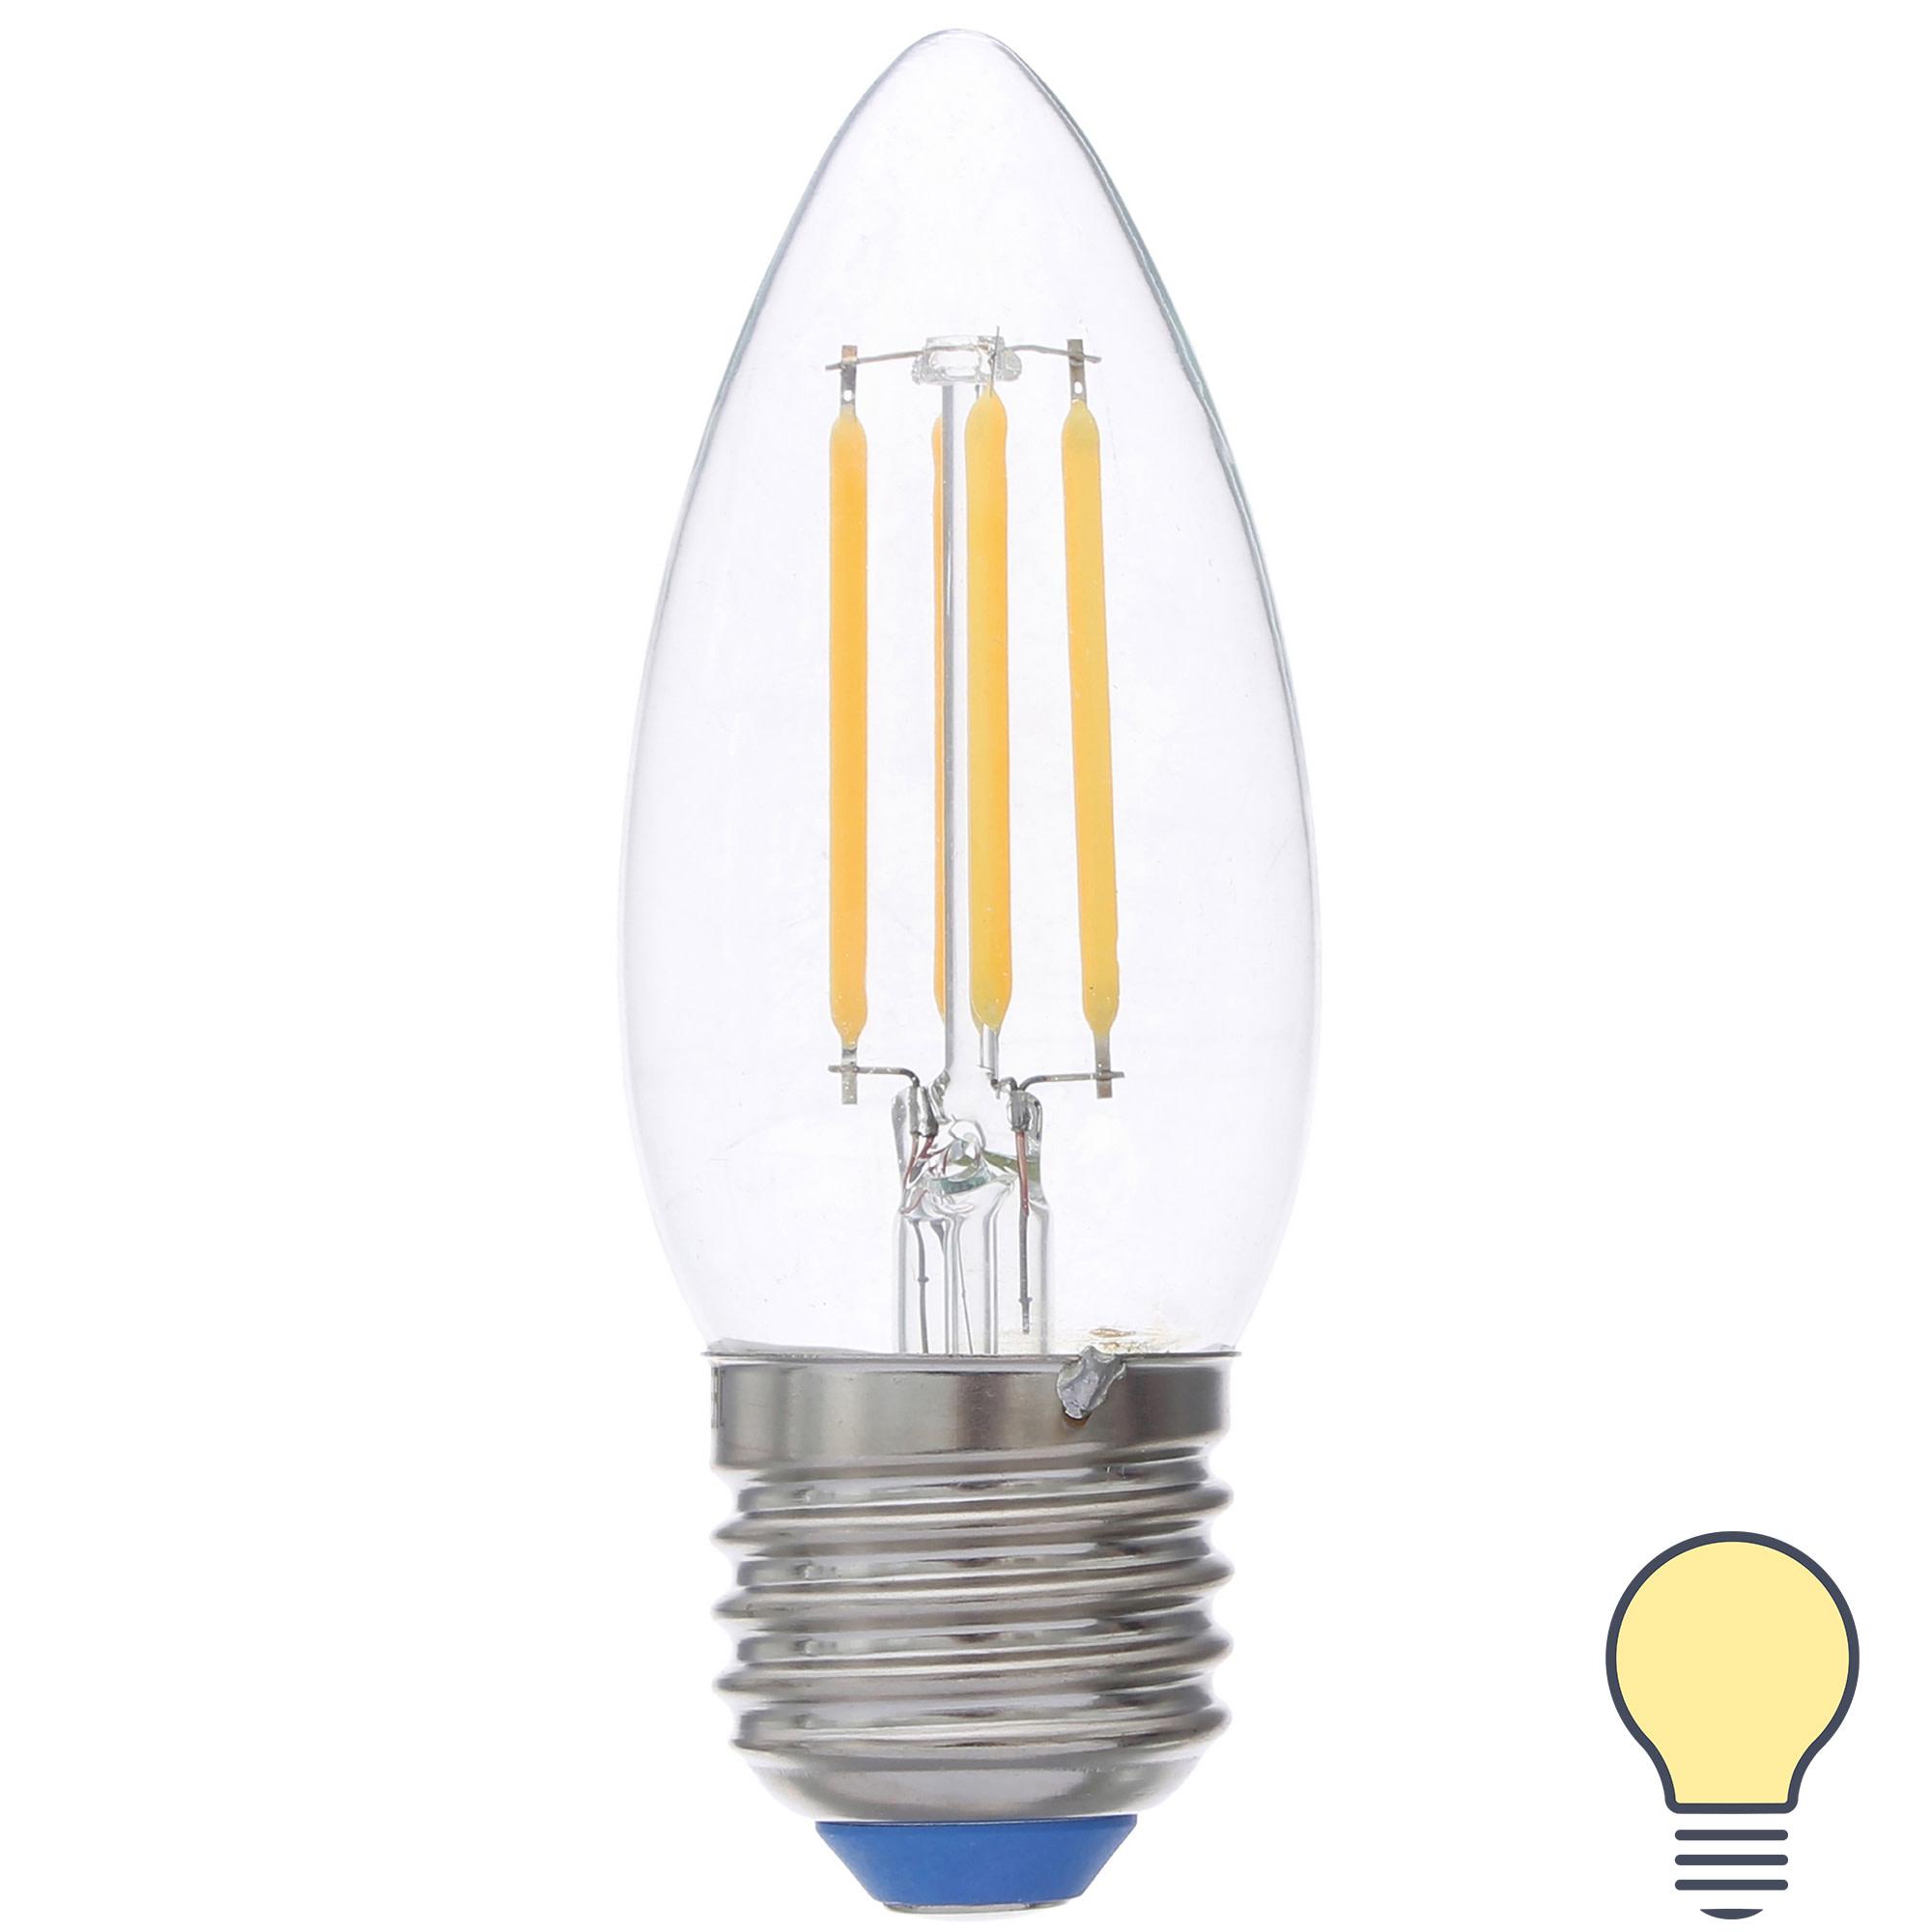 Лампа светодиодная филаментная Airdim форма свеча E27 5 Вт 500 Лм свет тёплый